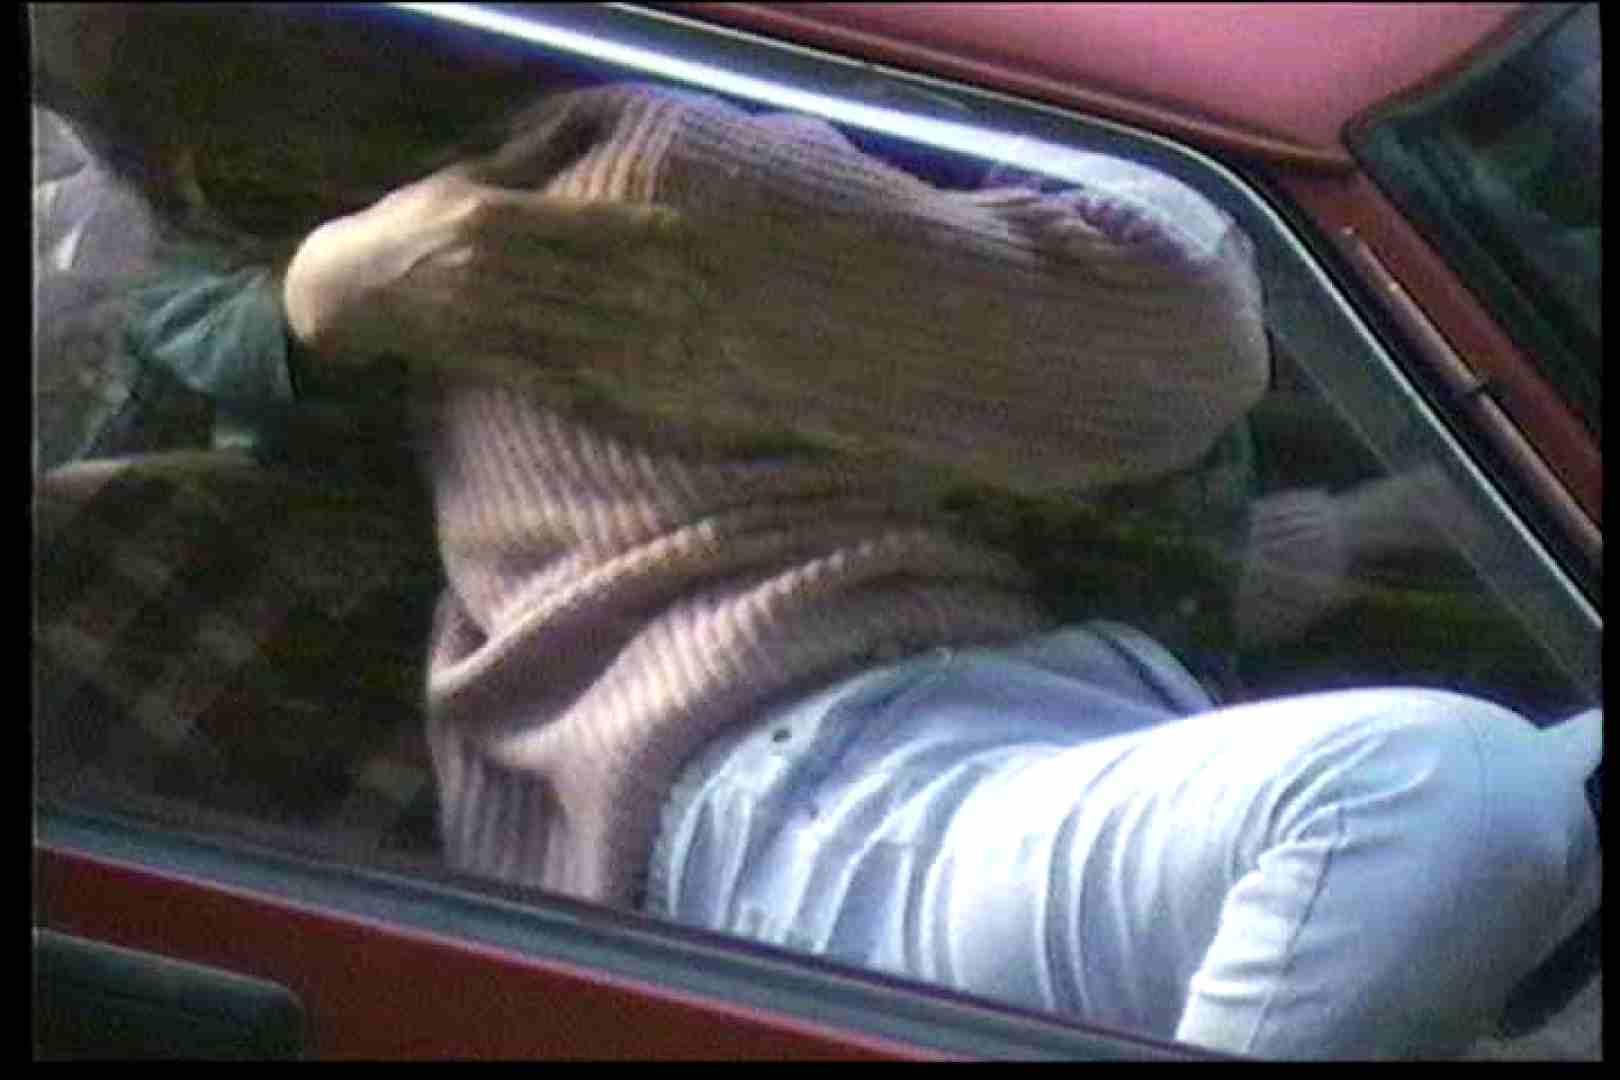 車の中はラブホテル 無修正版  Vol.12 セックス   望遠  87pic 25